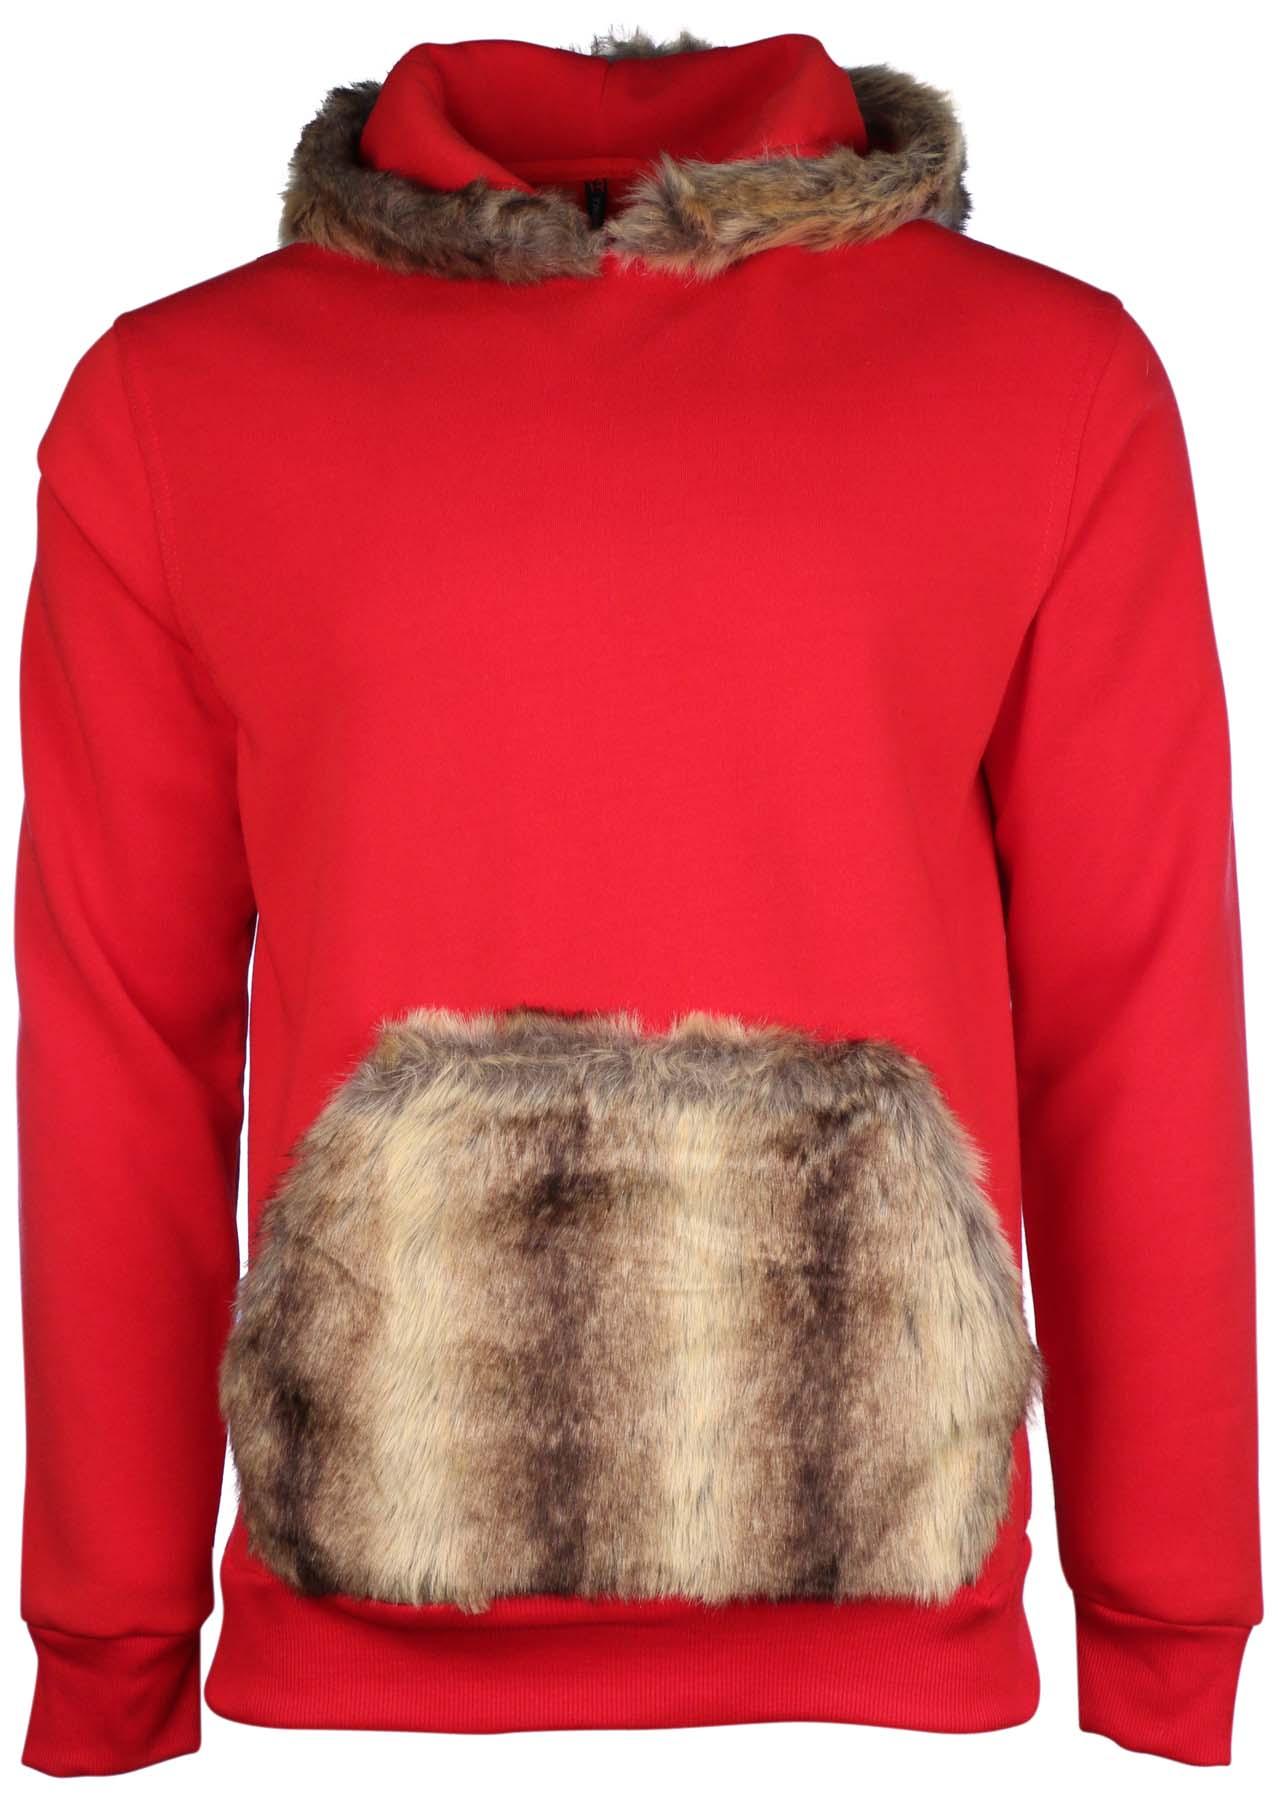 Fur hoodie men